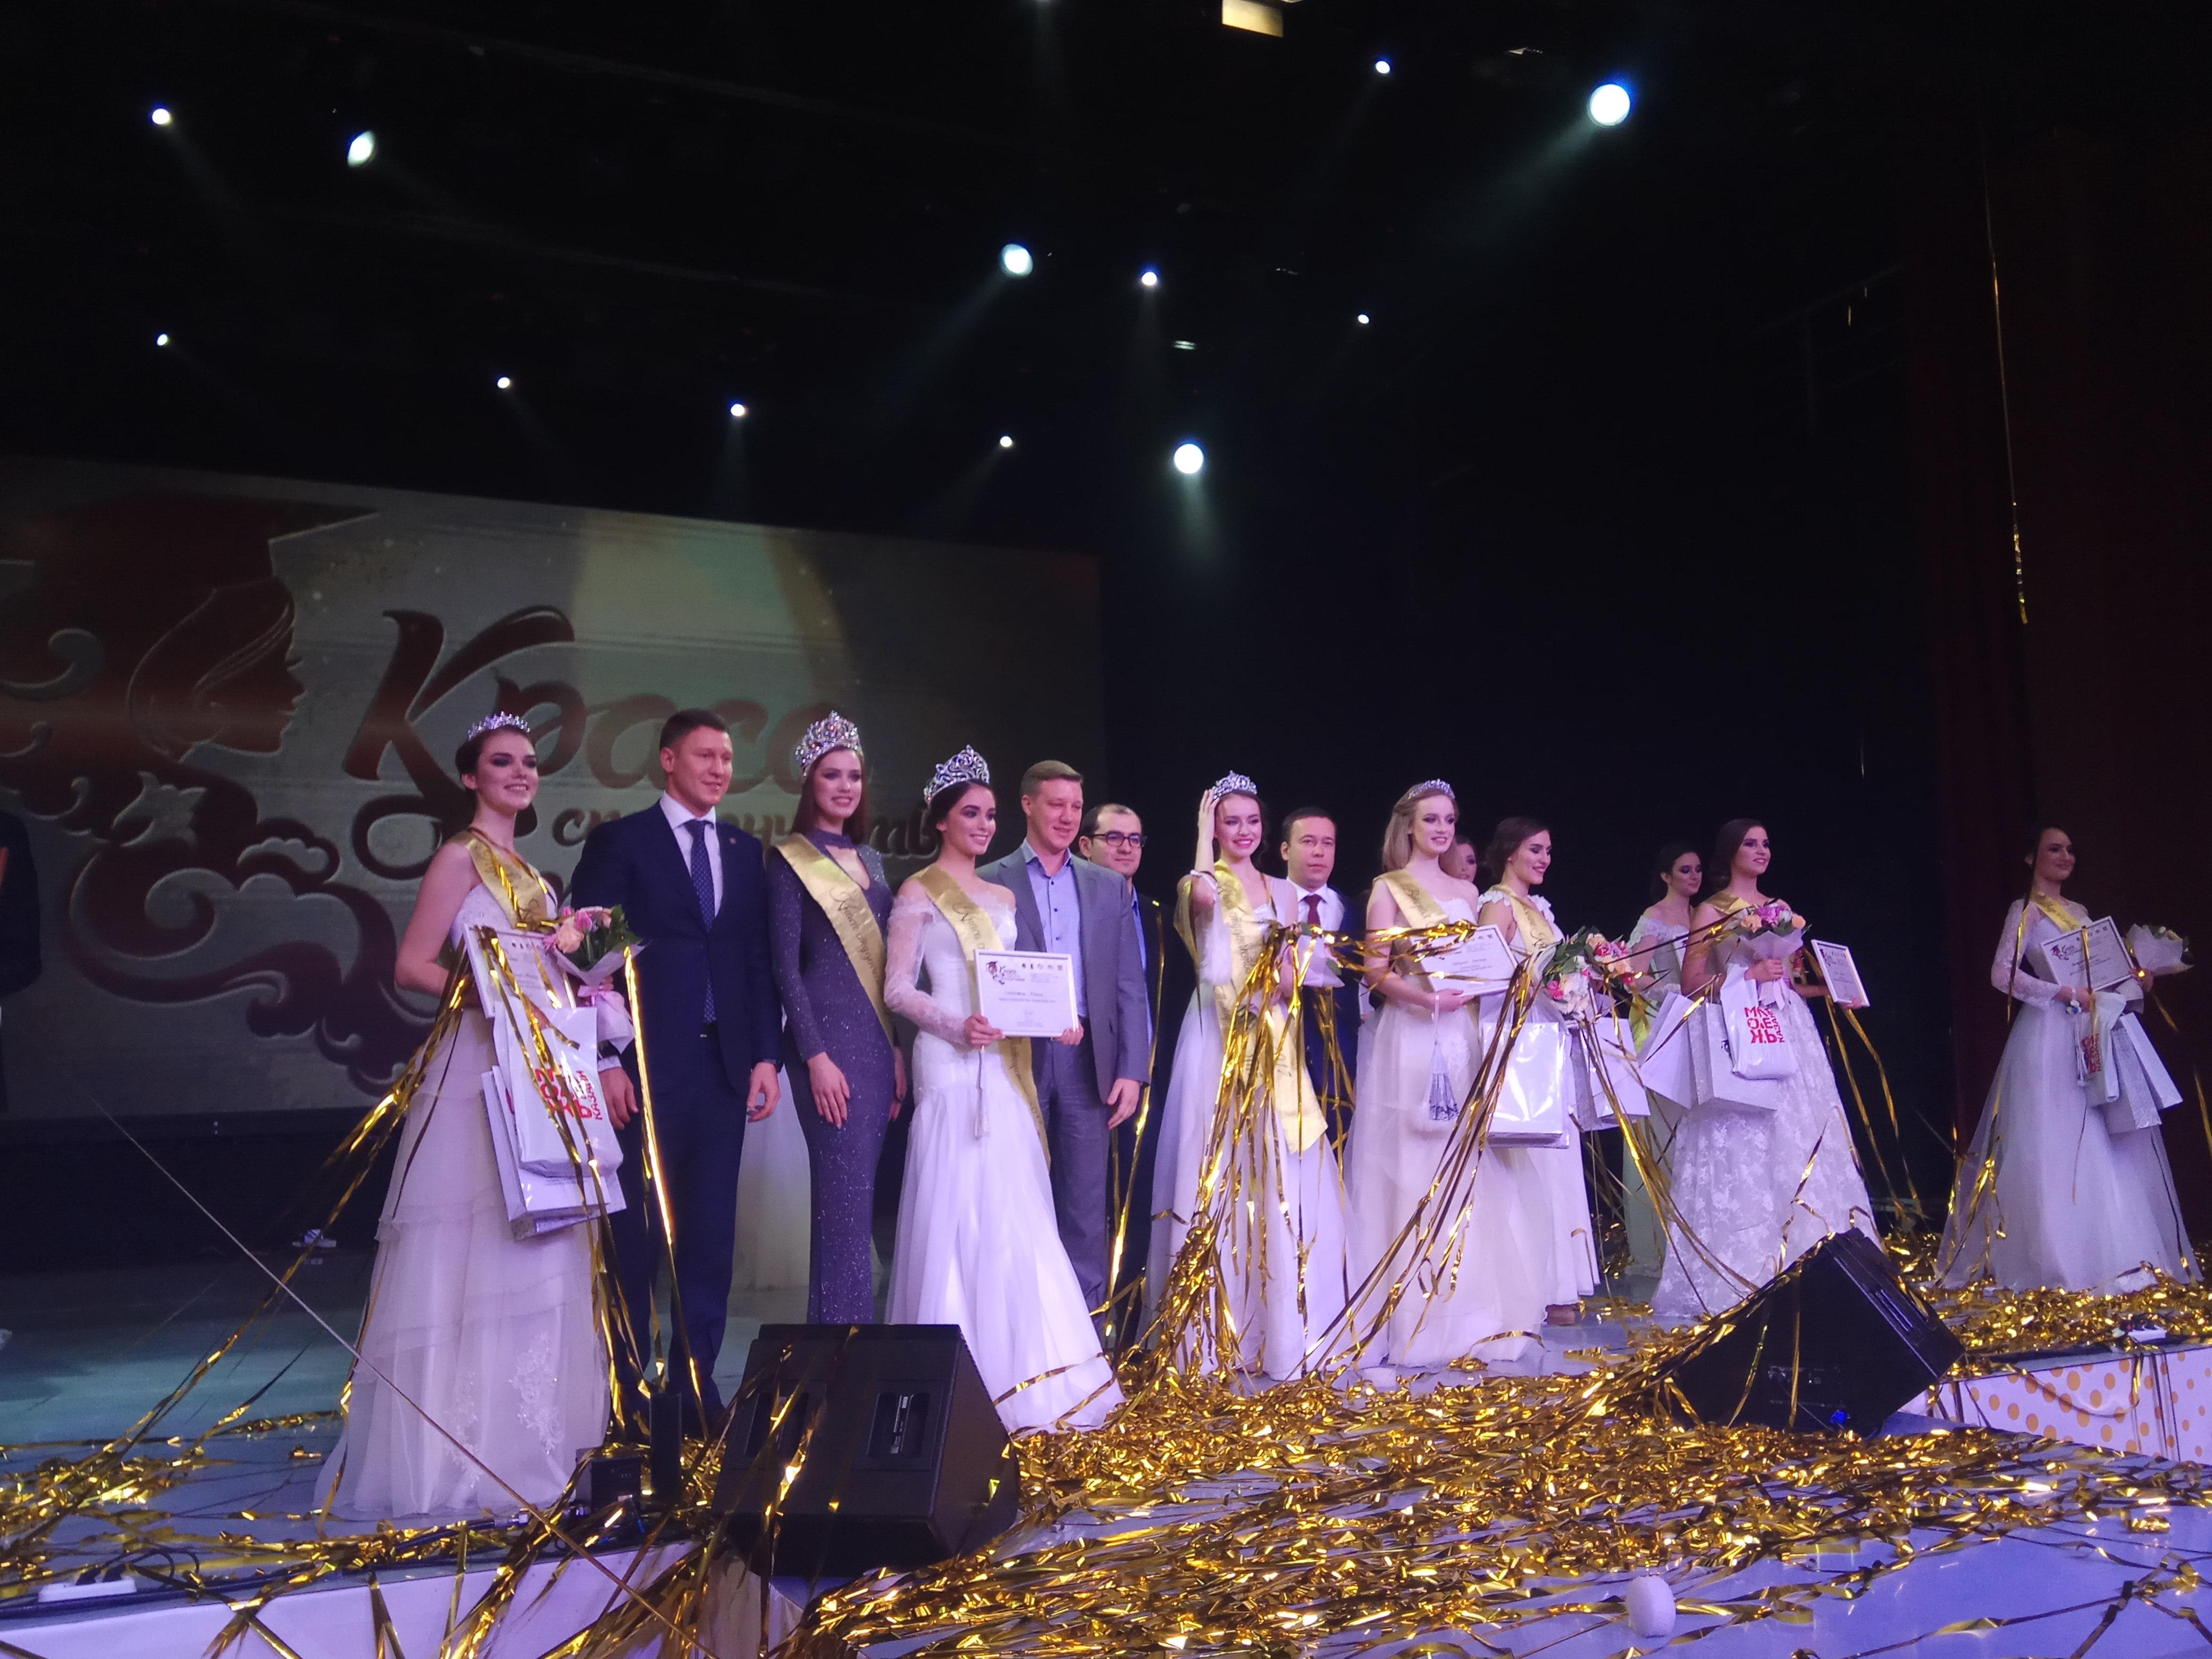 В Казани прошел конкурс таланта, грации и артистического мастерства «Краса студенчества Татарстана-2017»